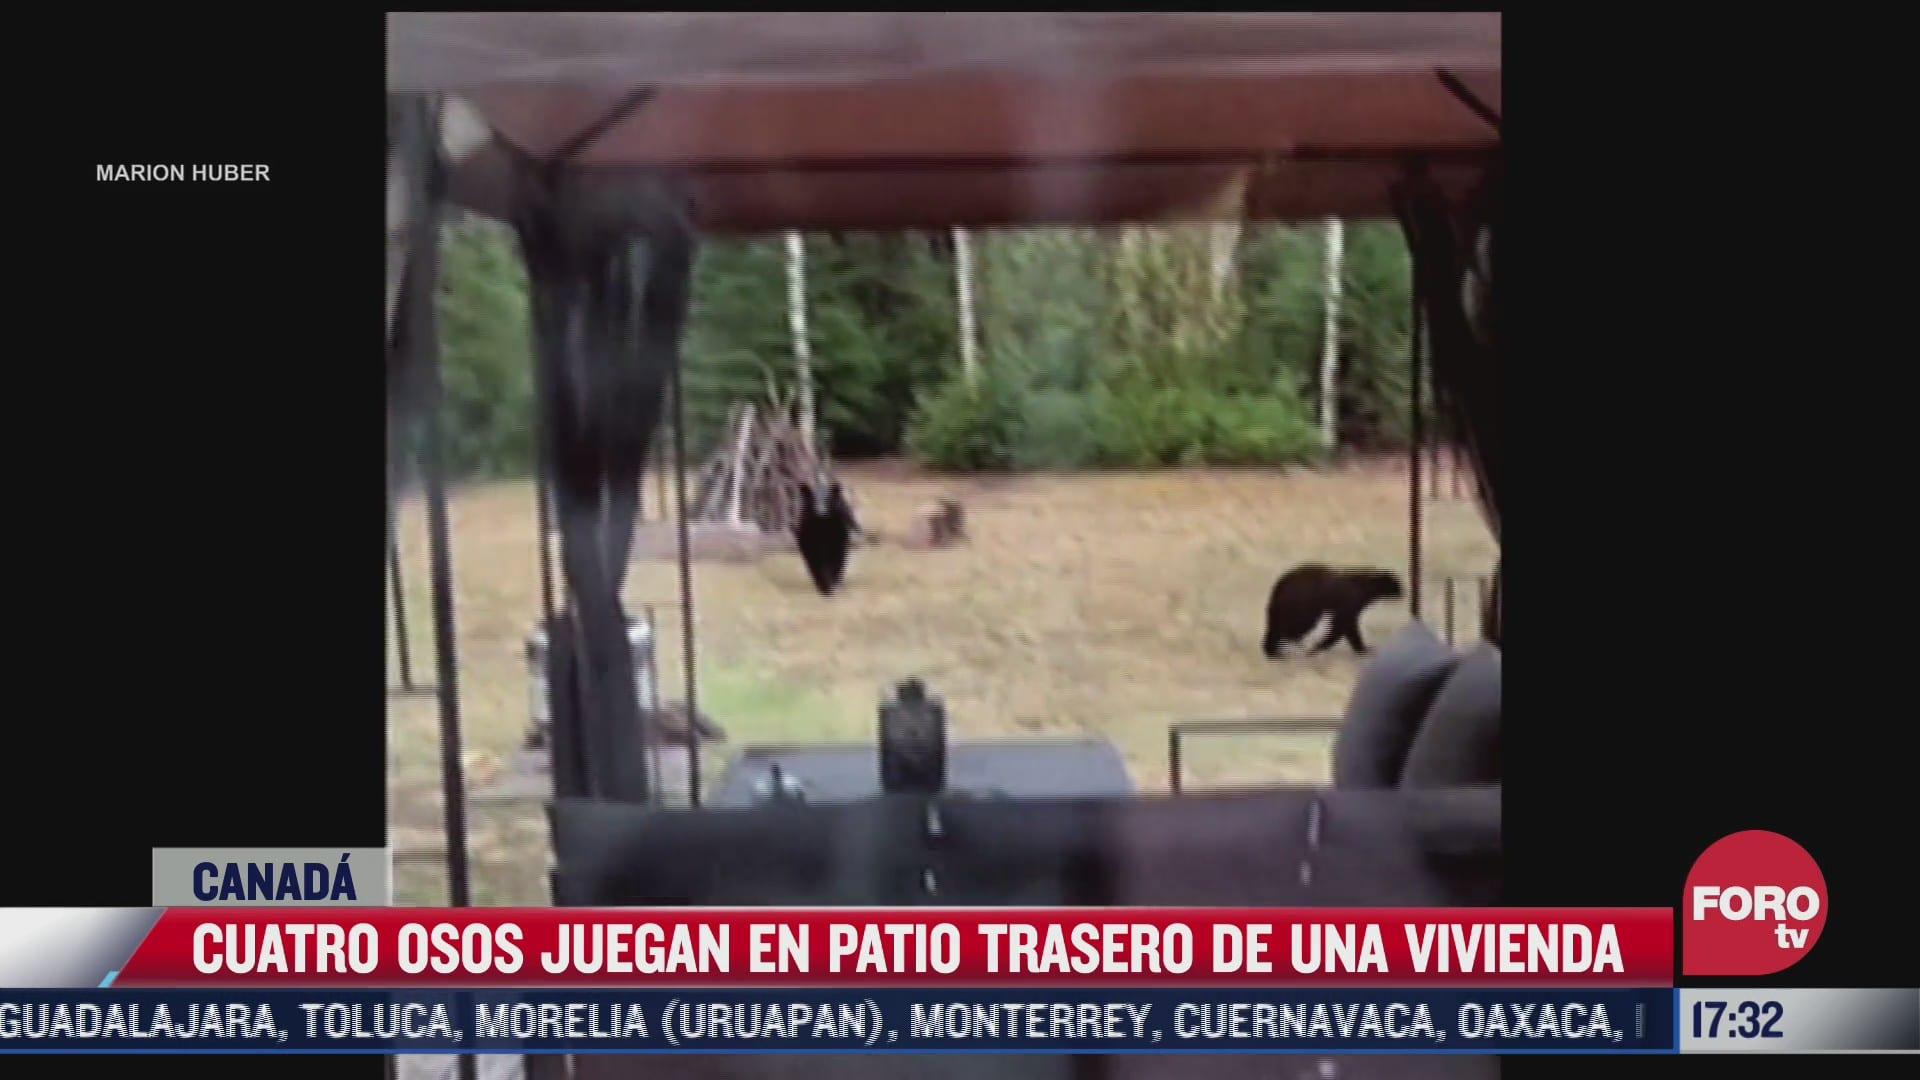 cuatro osos juegan en patio trasero de una vivienda en canada